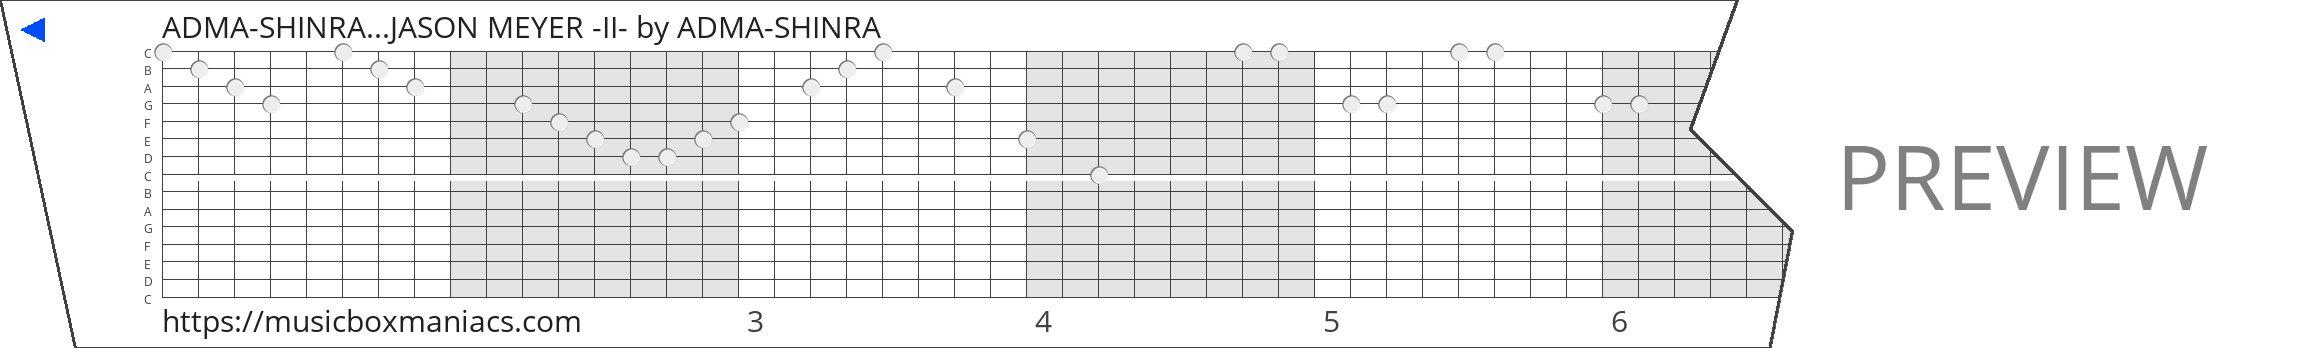 ADMA-SHINRA...JASON MEYER -II- 15 note music box paper strip